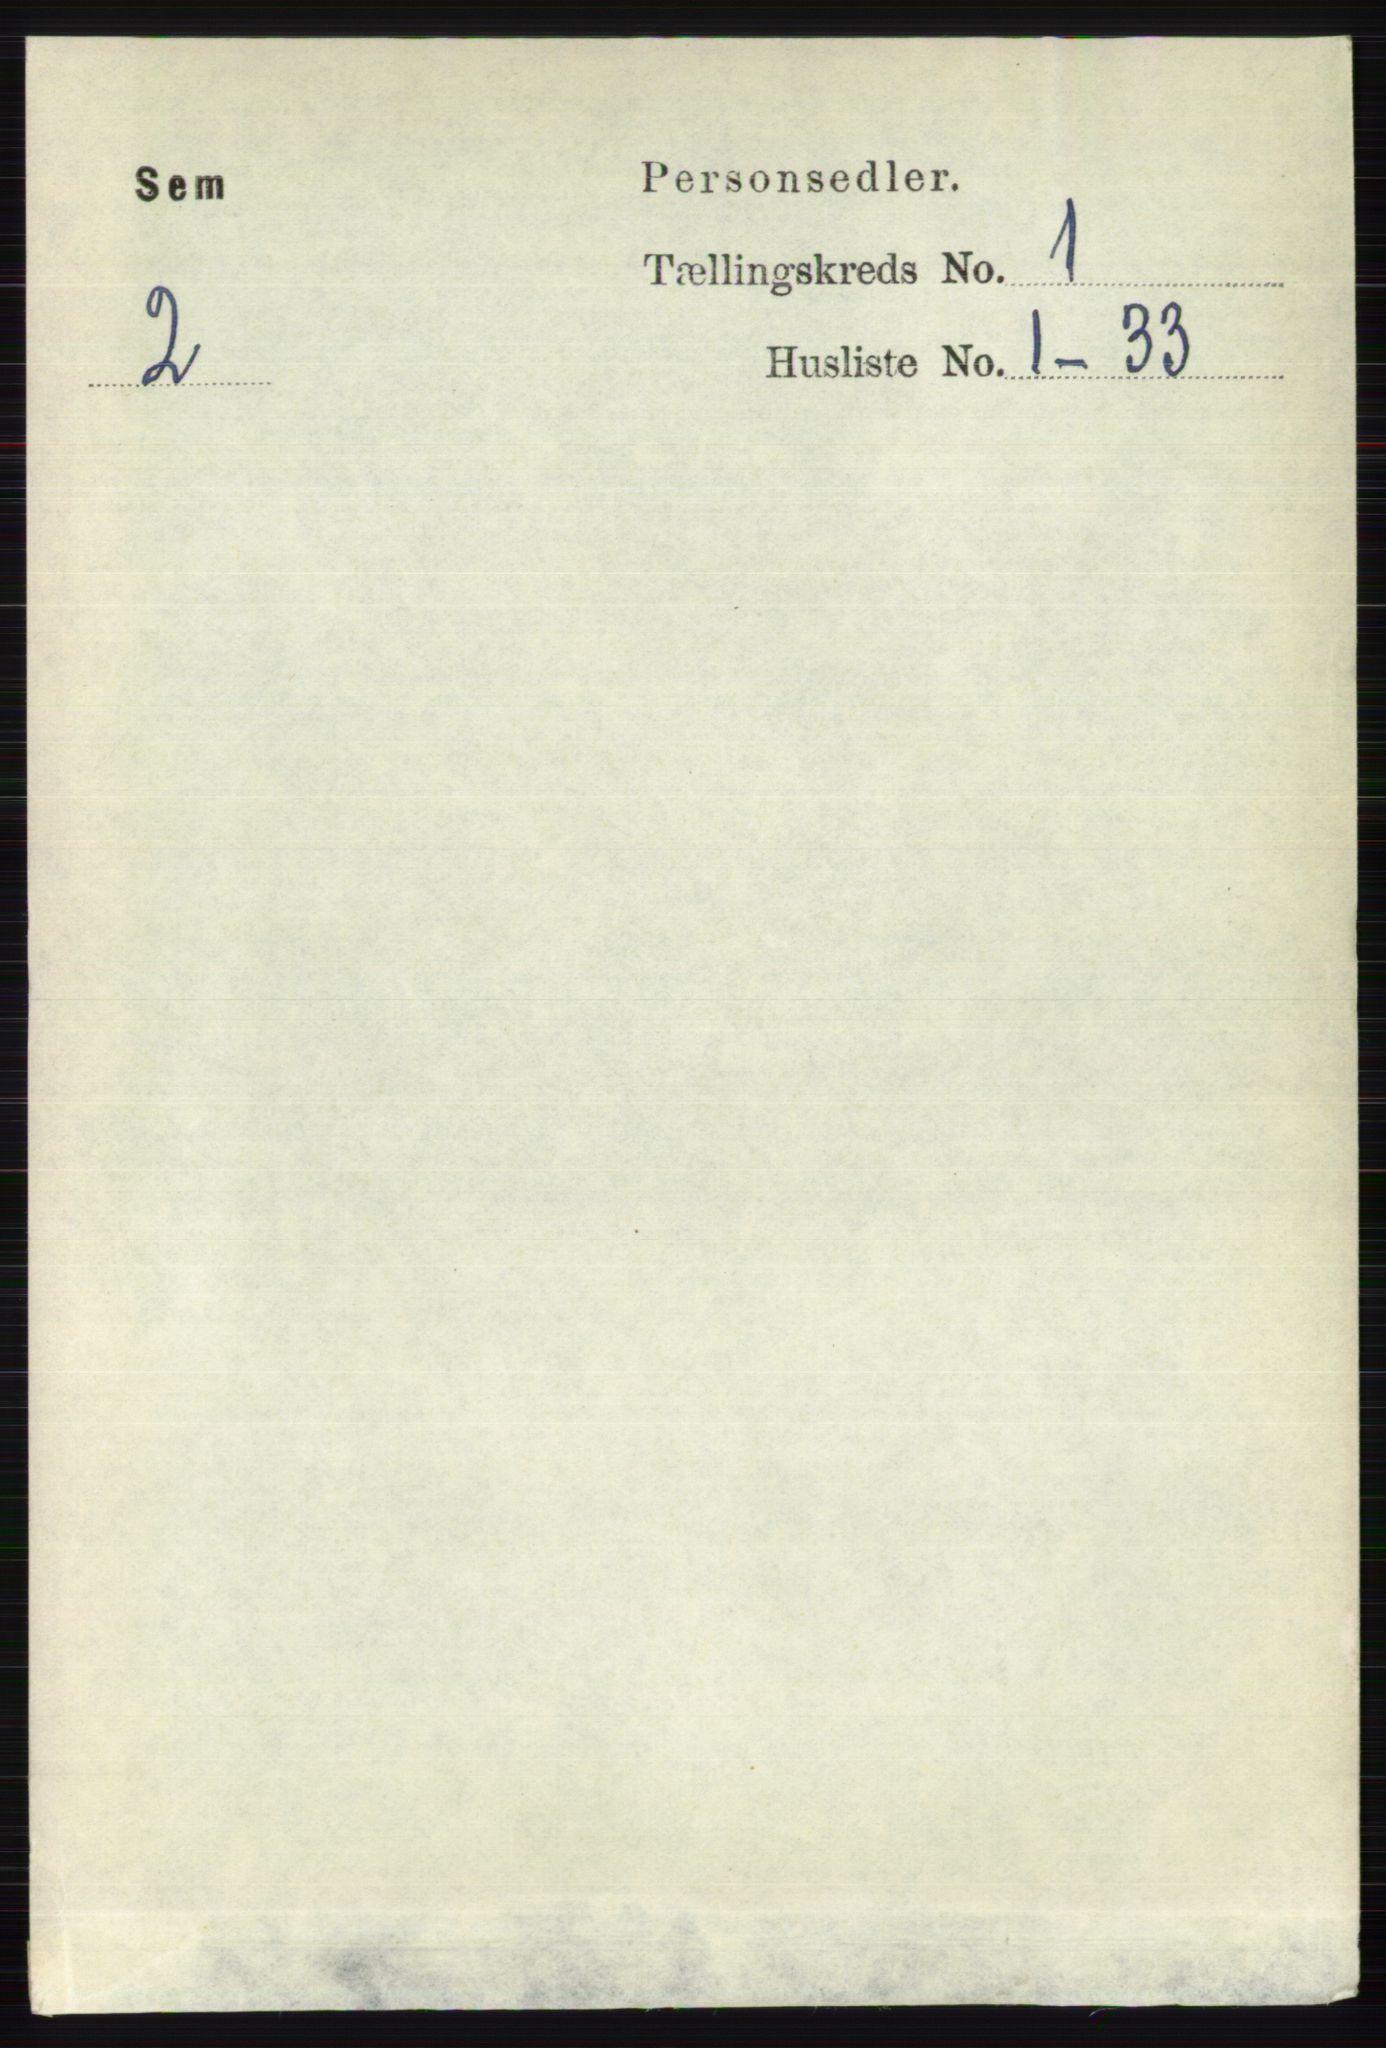 RA, Folketelling 1891 for 0721 Sem herred, 1891, s. 125